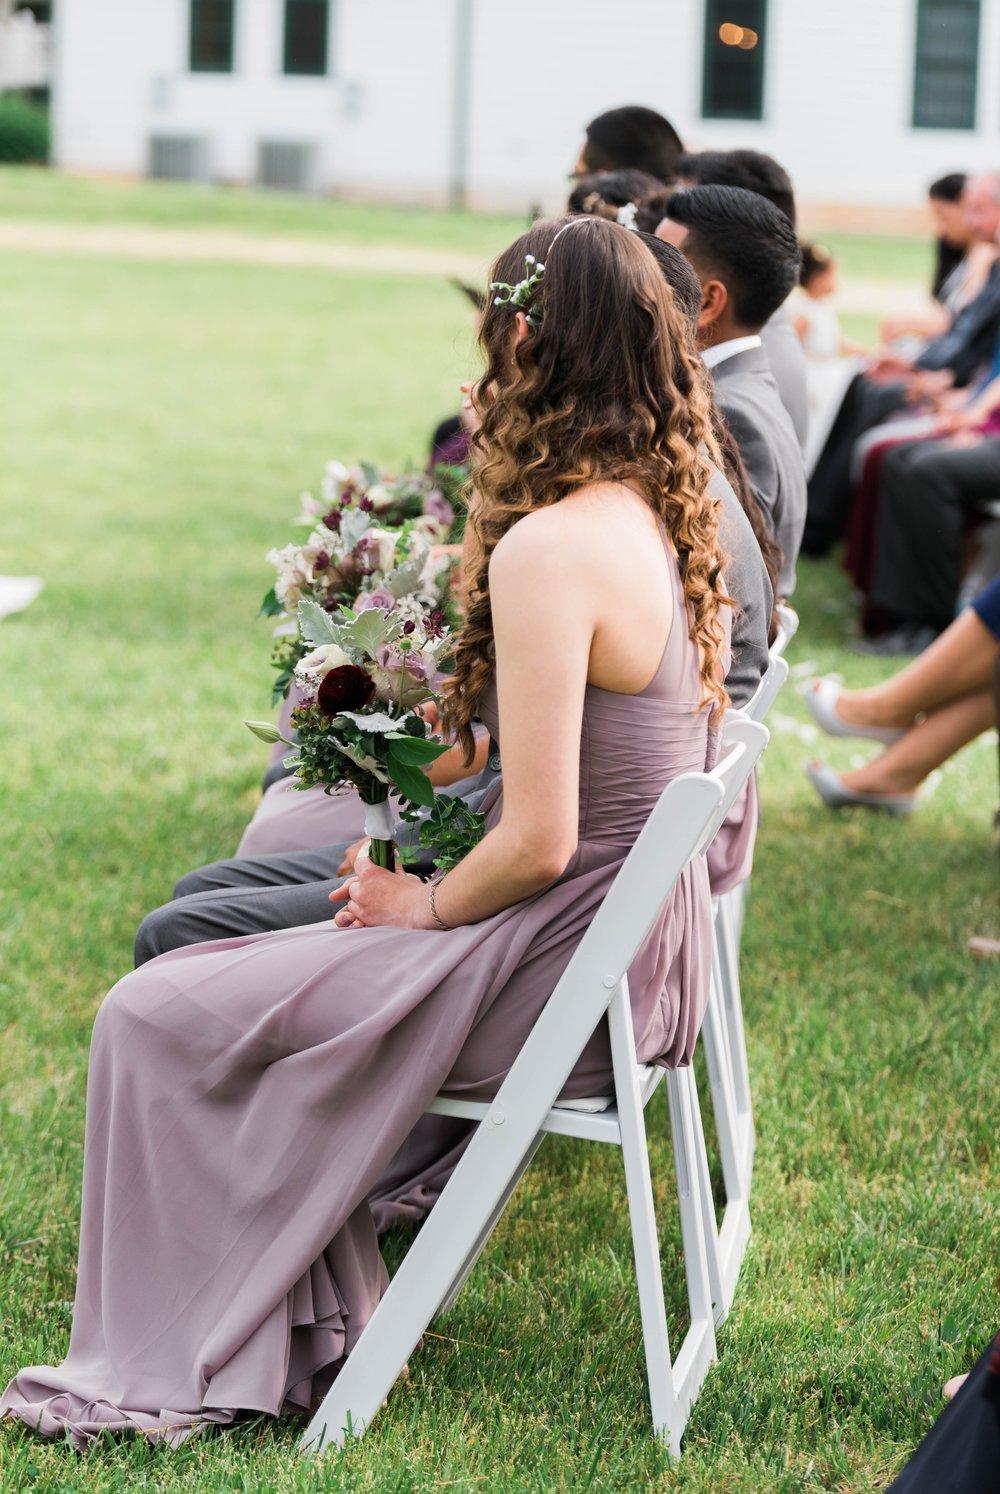 Jillian+Abi_OakridgeEstate_Wedding_VirginiaWeddingPhotographer_SpringWedding 4.jpg